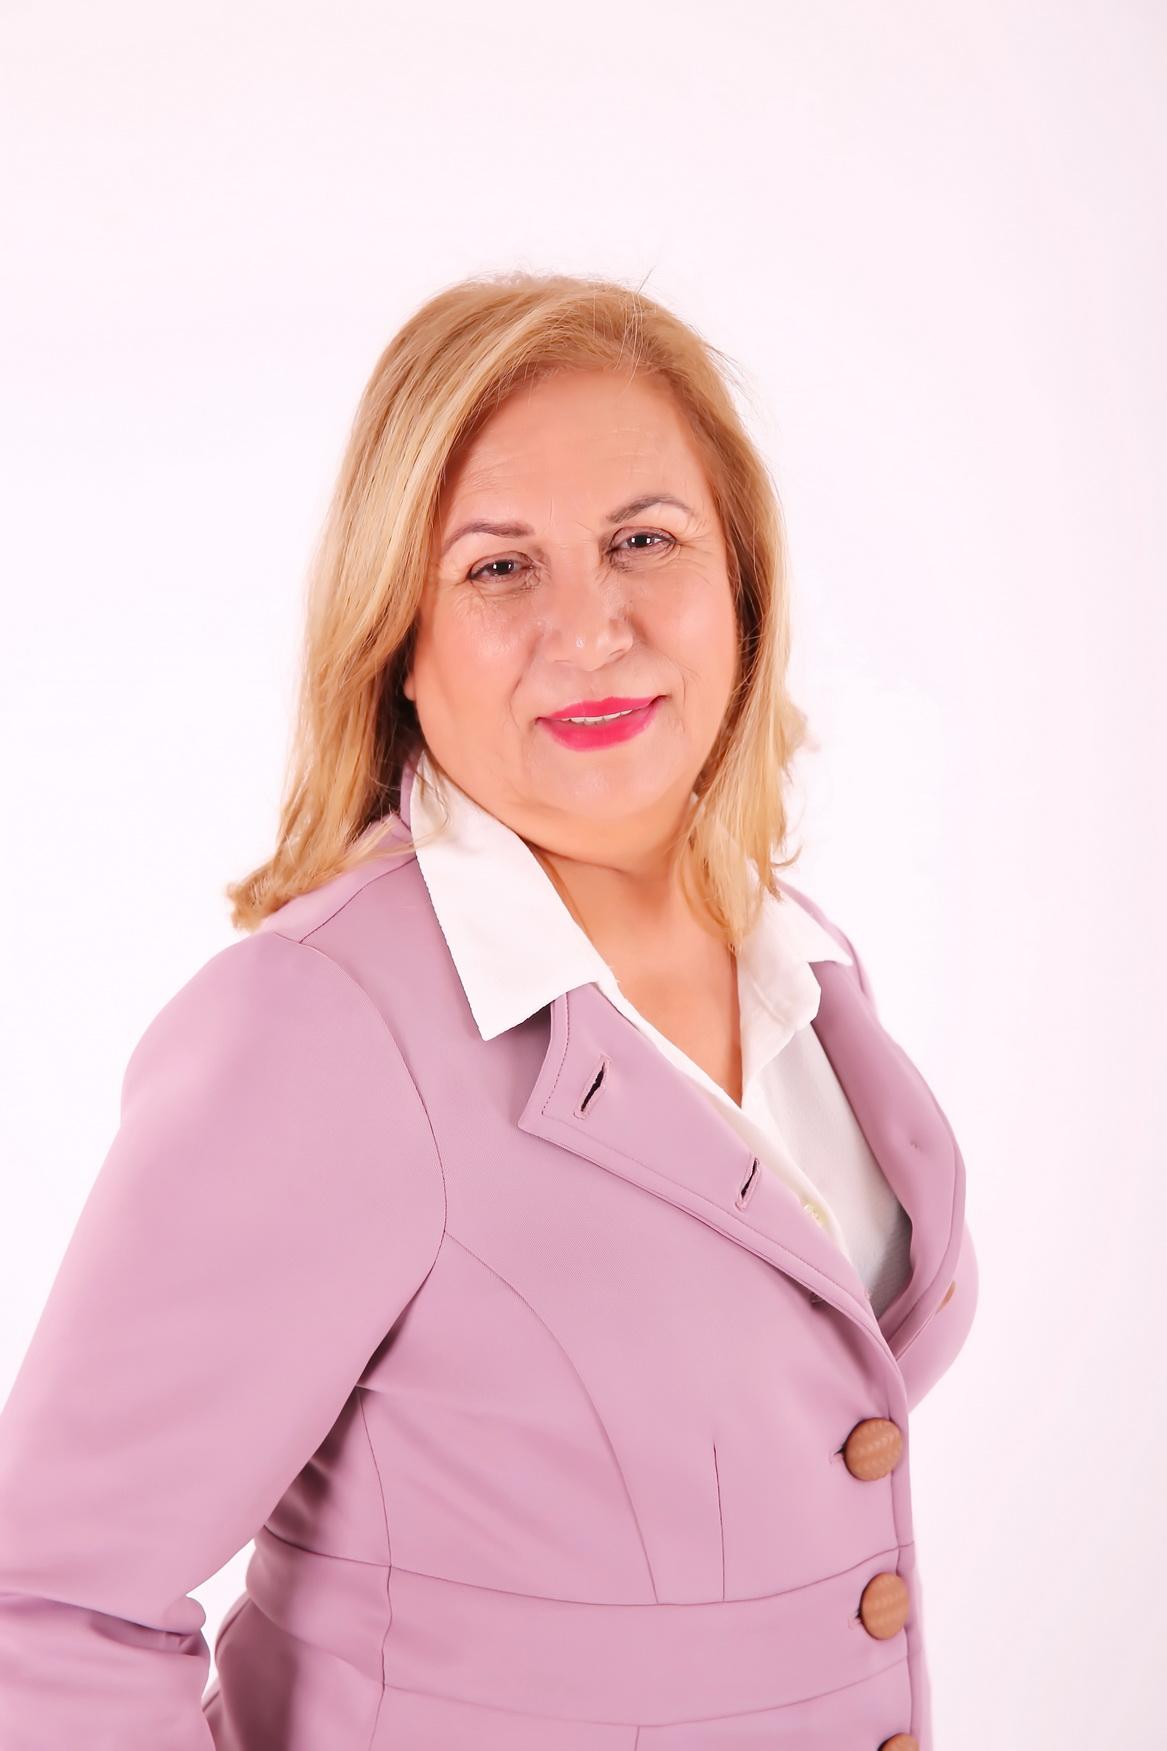 סגנית ראש עיריית נס ציונה סמדר אהרוני (2